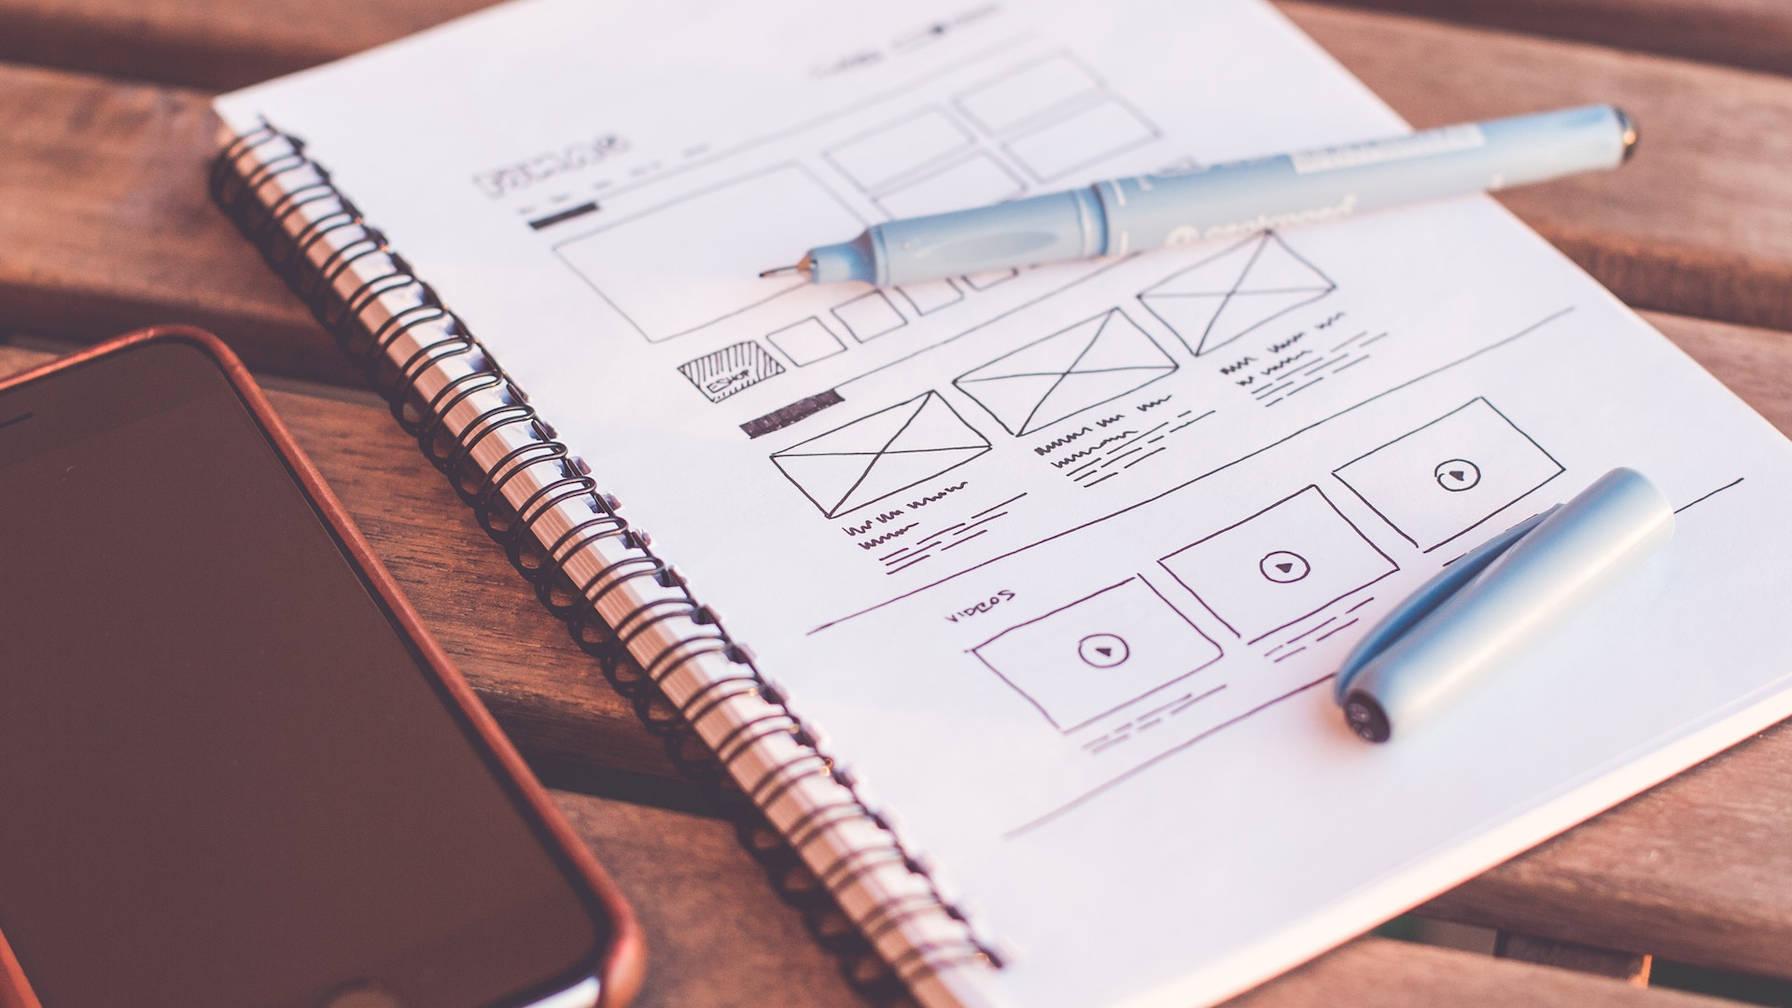 Téléphone sur un bureau à côté d'un stylo et d'un ordinateur portable avec une mise en page de conception Web dessinée dessus.